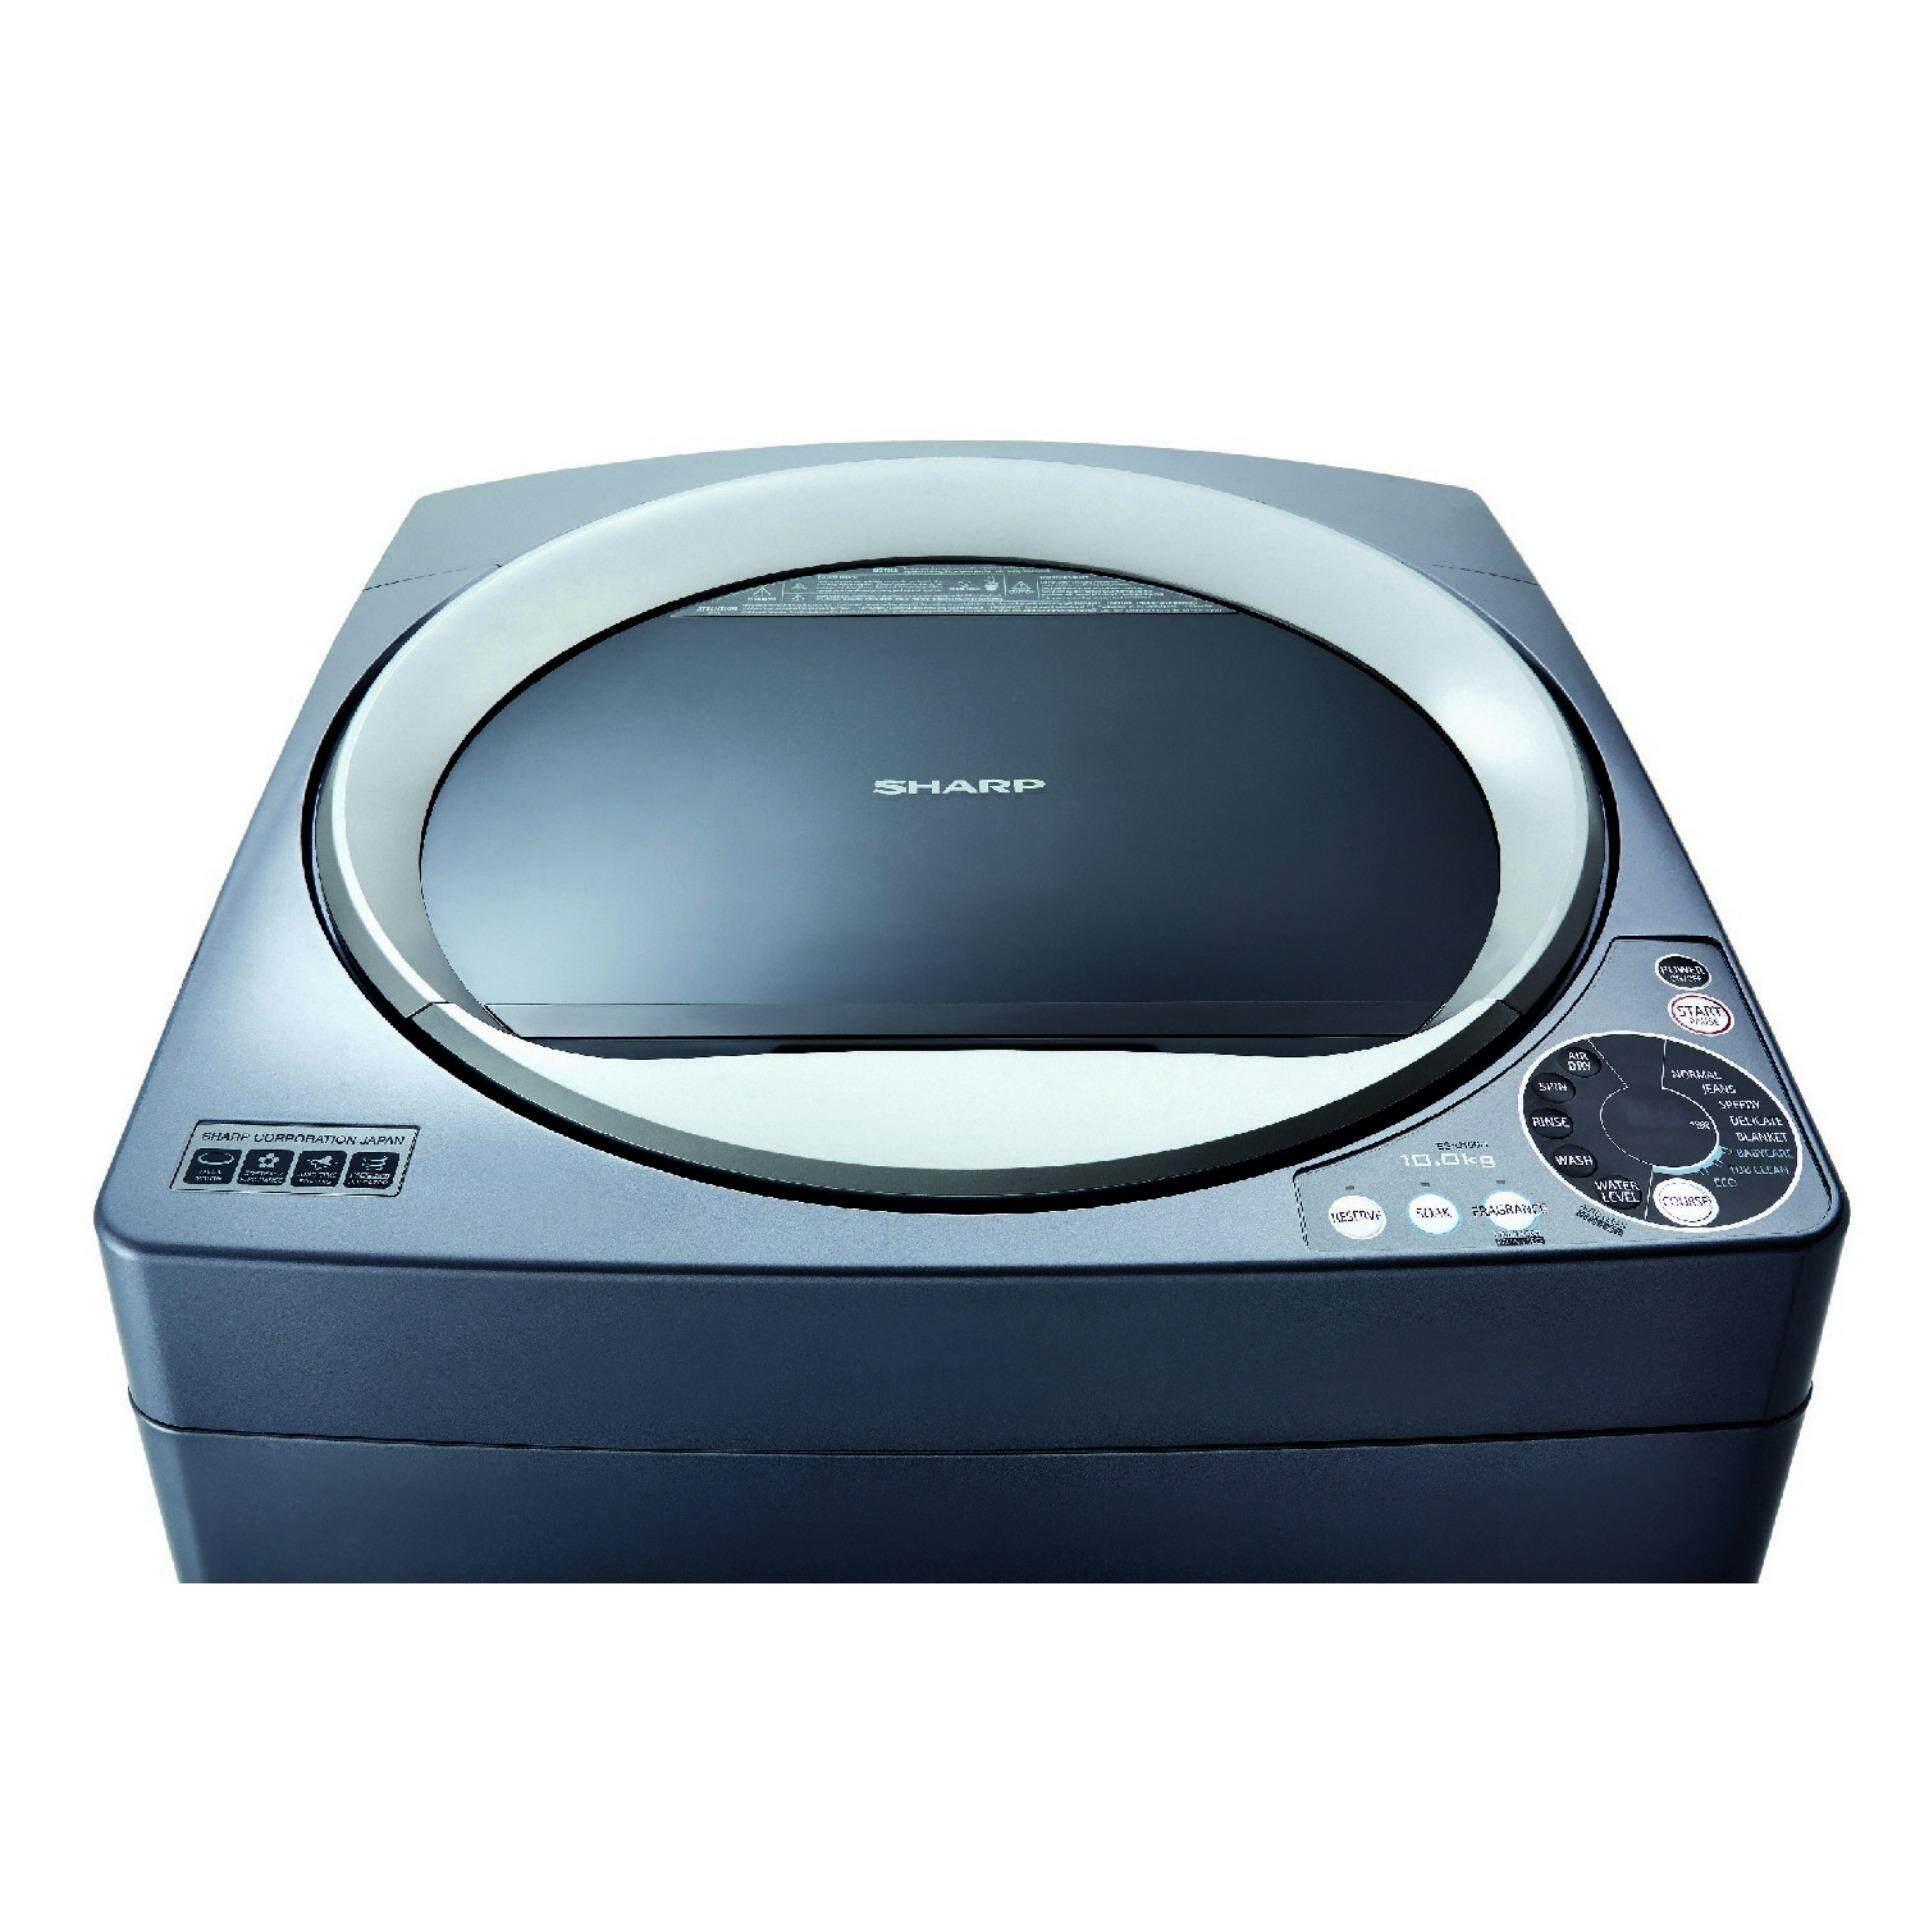 เว็บที่ขายถูกที่สุดอันดับที่ 1 เครื่องซักผ้า Haier -34% Haier เครื่องซักผ้า 2ถัง รุ่น HWM-T75PF(PP) (White/Pretty Purple) รีวิวดีที่สุด อันดับ1